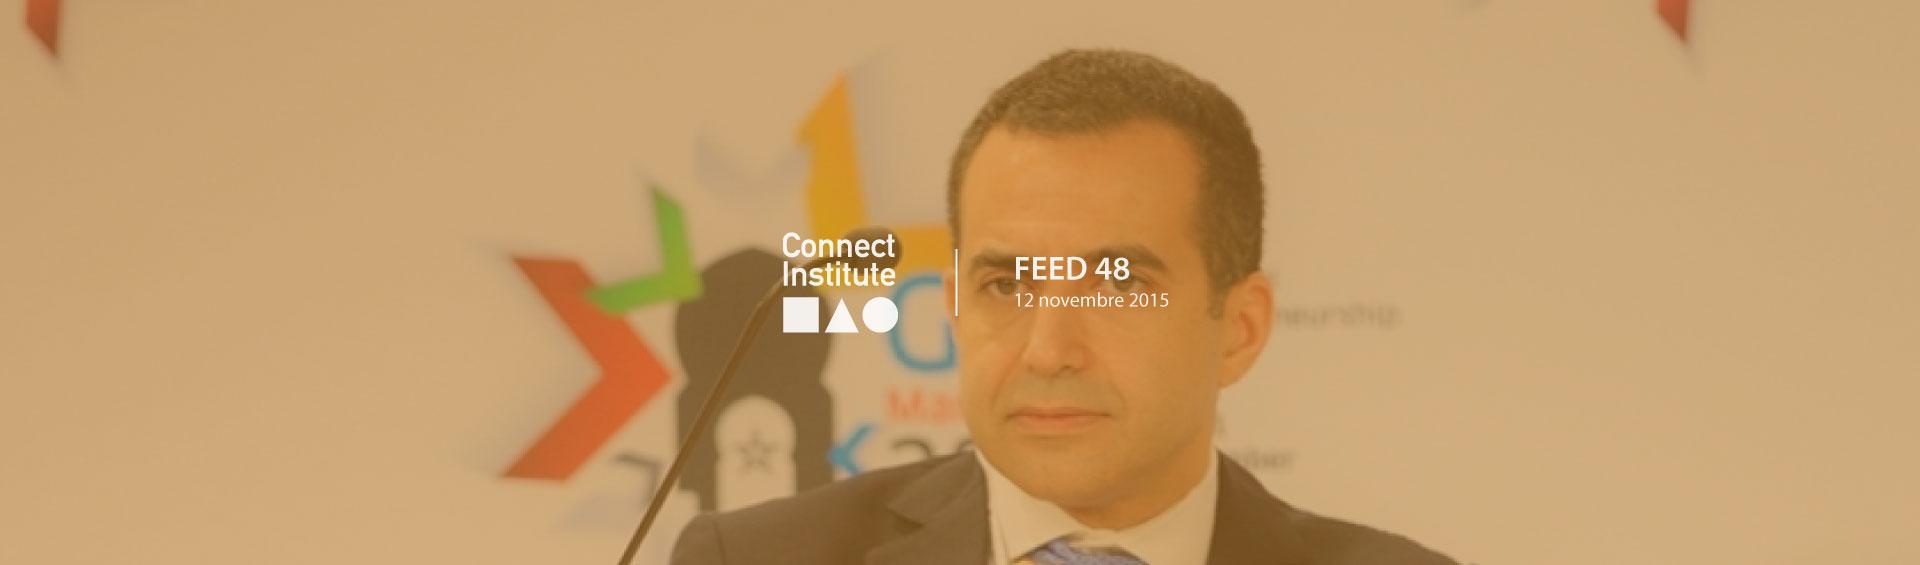 FEED 48